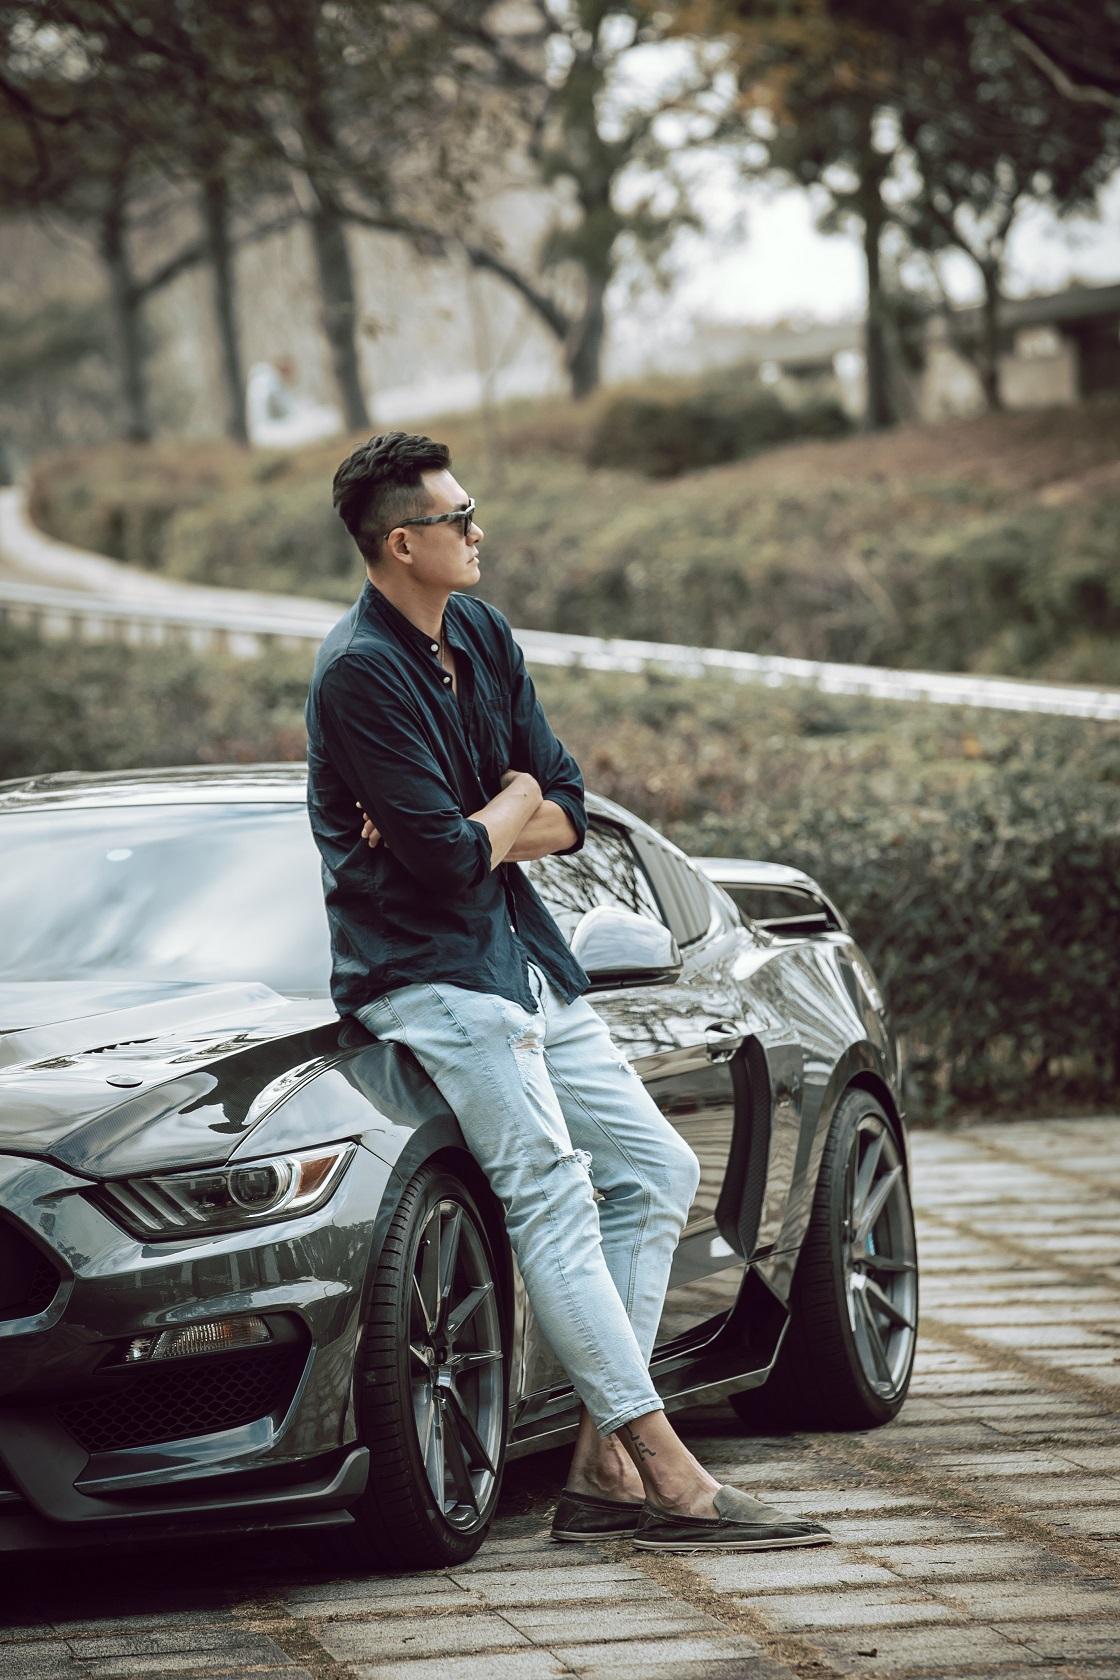 【名人聊愛車】新竹街口攻城獅球星吳岱豪獨鍾福特Ford Mustang EcoBoost 320,因這3優點:加速快、引擎有力、價格相對親民!